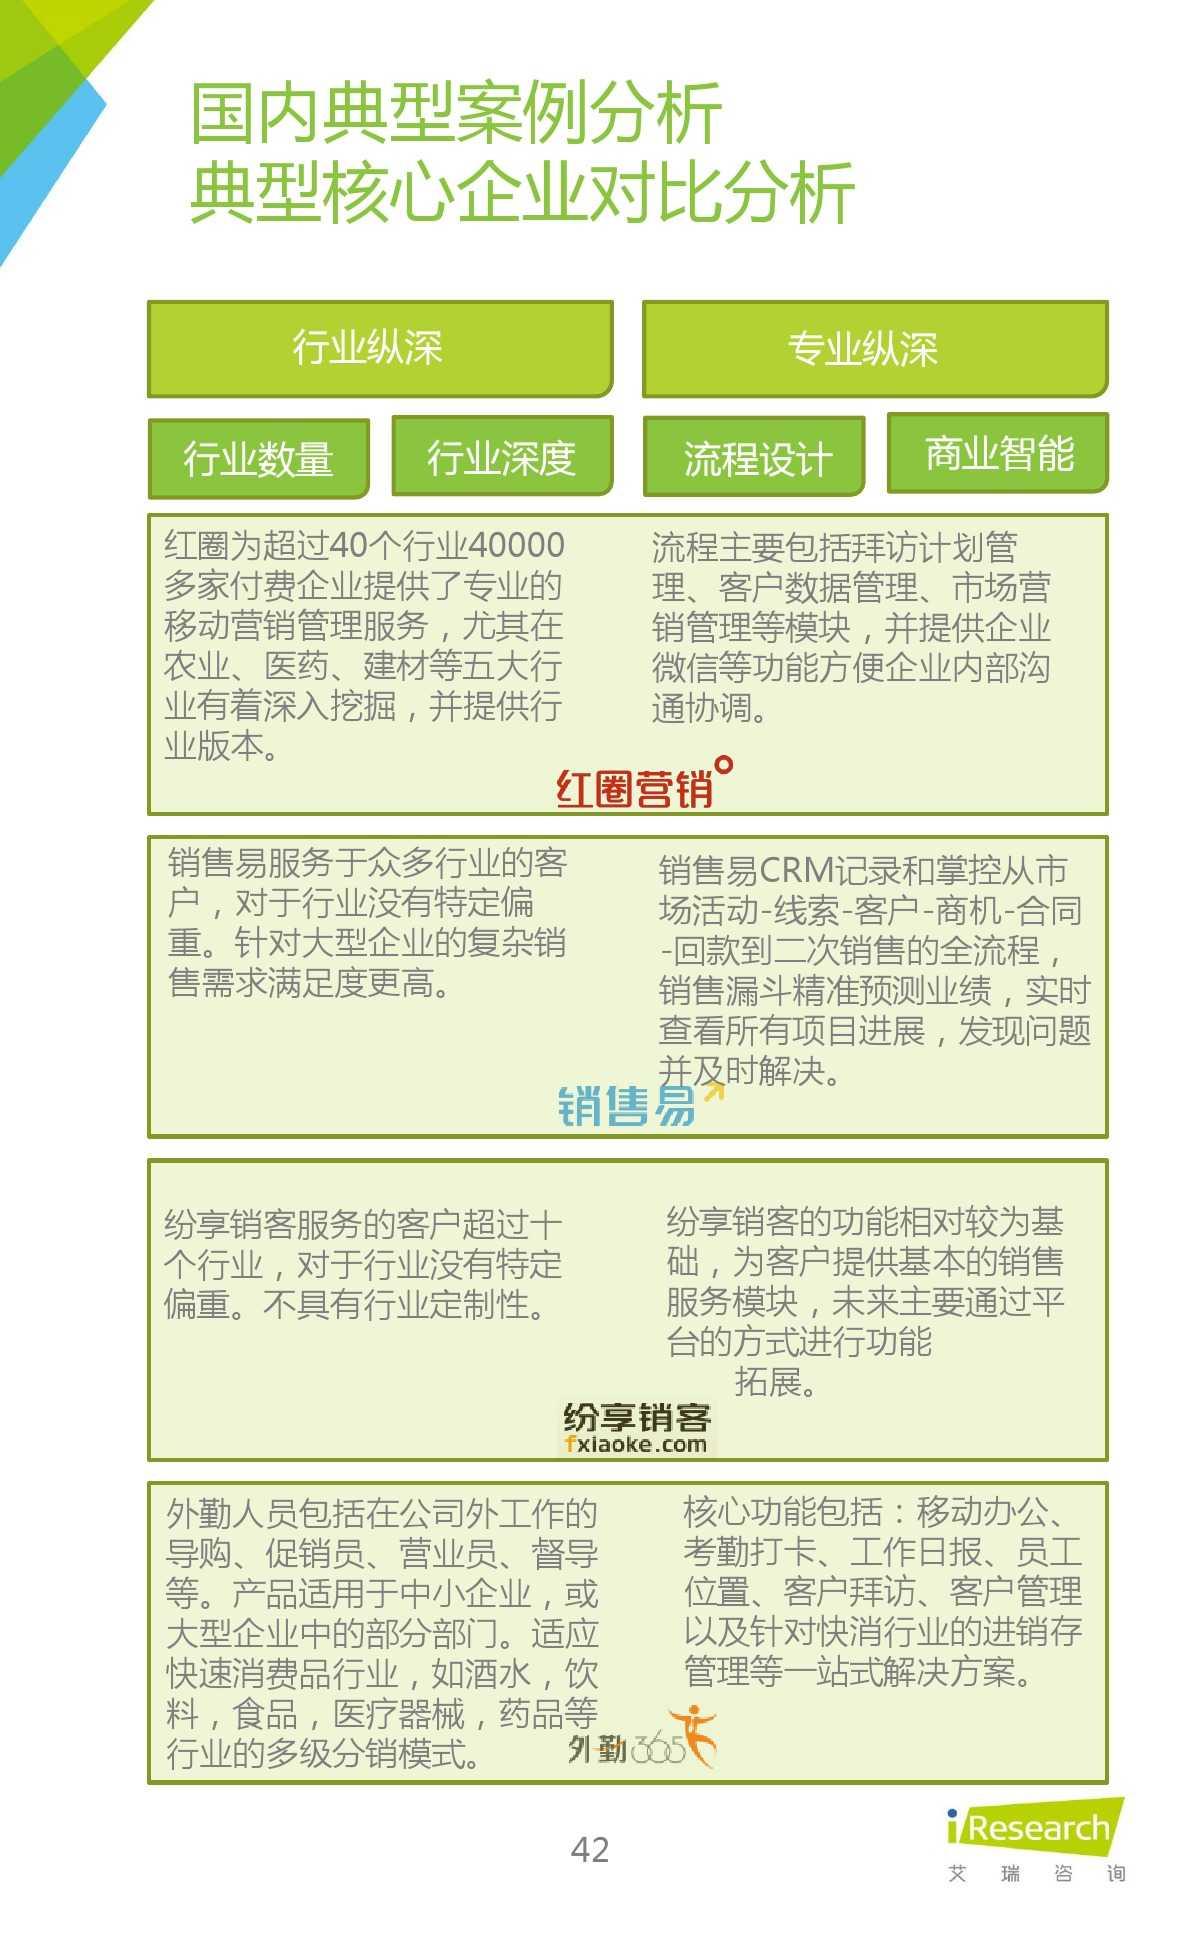 2015年中国移动销售CRM行业研究报告_000042